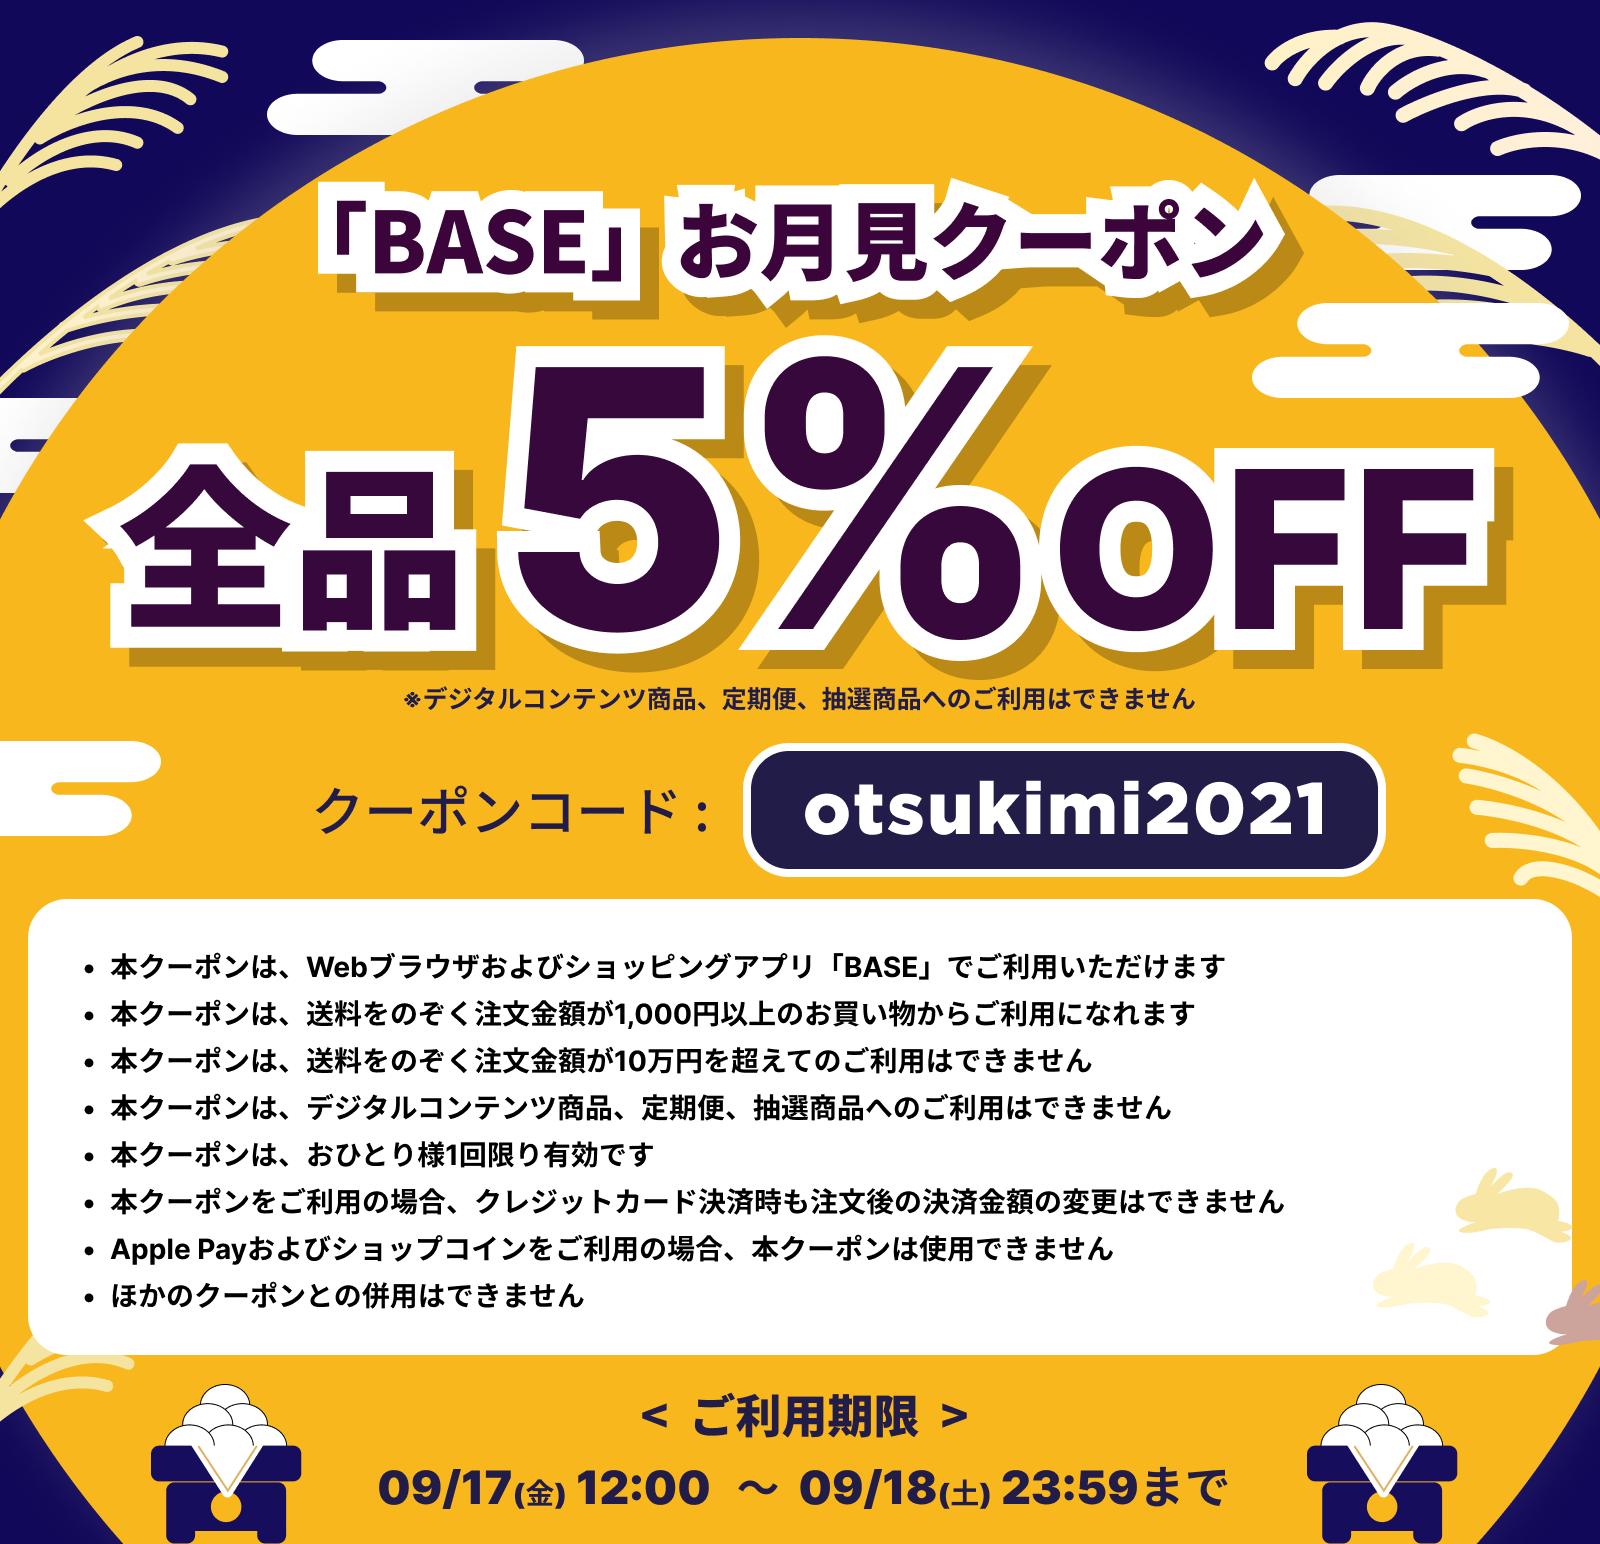 新商品最大13%OFF!9月17〜18日に利用できるBASE公式負担クーポン配布中!